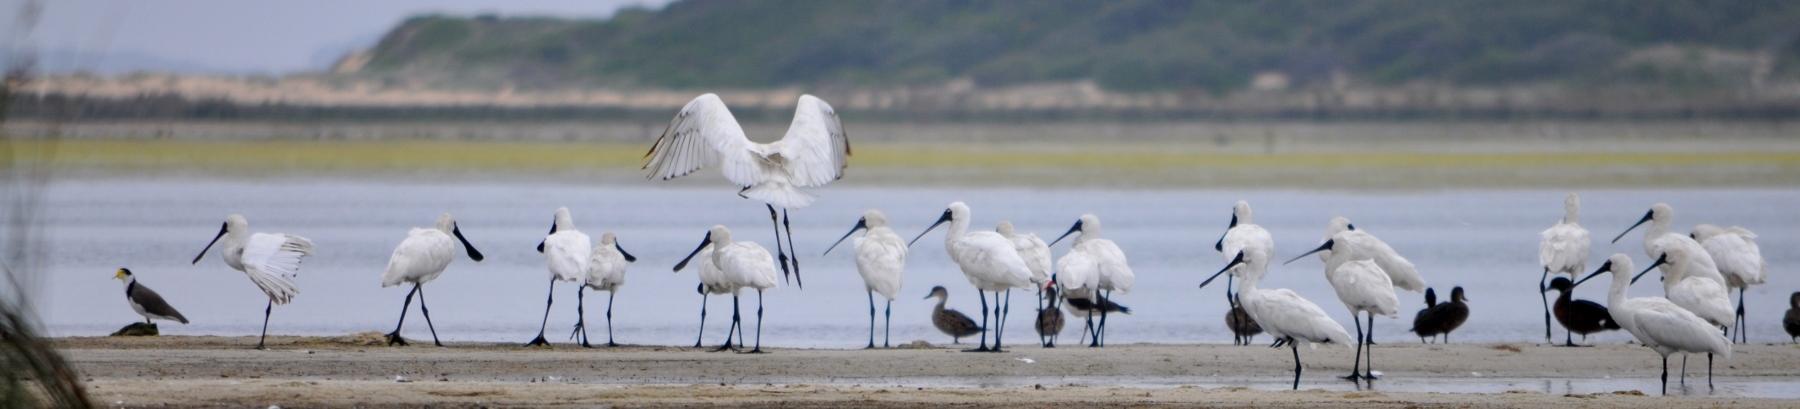 Lake Wollumboola Birdlife Australia Summer Bird Count January 2018